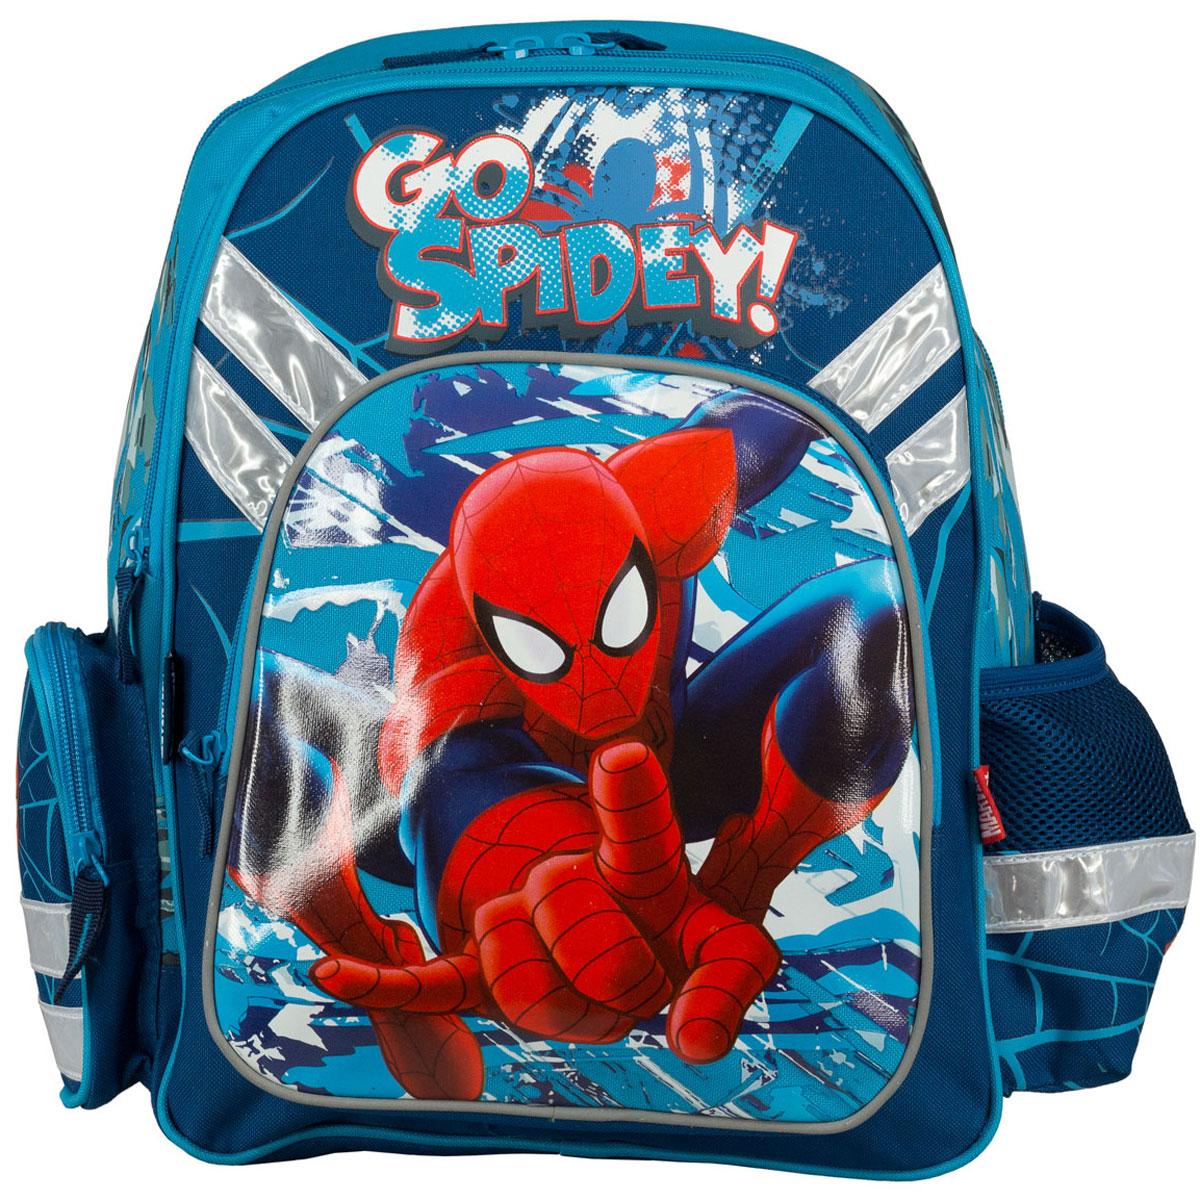 Рюкзак школьный Spider-Man, цвет: темно-синий, голубой. SMCB-MT1-9621SMCB-MT1-9621Рюкзак школьный Spider-Man обязательно понравится вашему школьнику. Выполнен из прочных и высококачественных материалов, дополнен изображением Человека-паука.Содержит два вместительных отделения, закрывающиеся на застежки-молнии. В большом отделении находятся две перегородки для тетрадей или учебников. Дно рюкзака можно сделать жестким, разложив специальную панель с пластиковой вставкой, что повышает сохранность содержимого рюкзака и способствует правильному распределению нагрузки. Лицевая сторона оснащена накладным карманом на молнии. По бокам расположены два накладных кармана: на застежке-молнии и открытый, стянутый сверху резинкой. Специально разработанная архитектура спинки со стабилизирующими набивными элементами повторяет естественный изгиб позвоночника. Набивные элементы обеспечивают вентиляцию спины ребенка. Плечевые лямки анатомической формы равномерно распределяют нагрузку на плечевую и воротниковую зоны. Конструкция пряжки лямок позволяет отрегулировать рюкзак по фигуре. Рюкзак оснащен эргономичной ручкой для удобной переноски в руке. Светоотражающие элементы обеспечивают безопасность в темное время суток.Многофункциональный школьный рюкзак станет незаменимым спутником вашего ребенка в походах за знаниями.Вес рюкзака без наполнения: 700 г. Рекомендуемый возраст: от 12 лет.